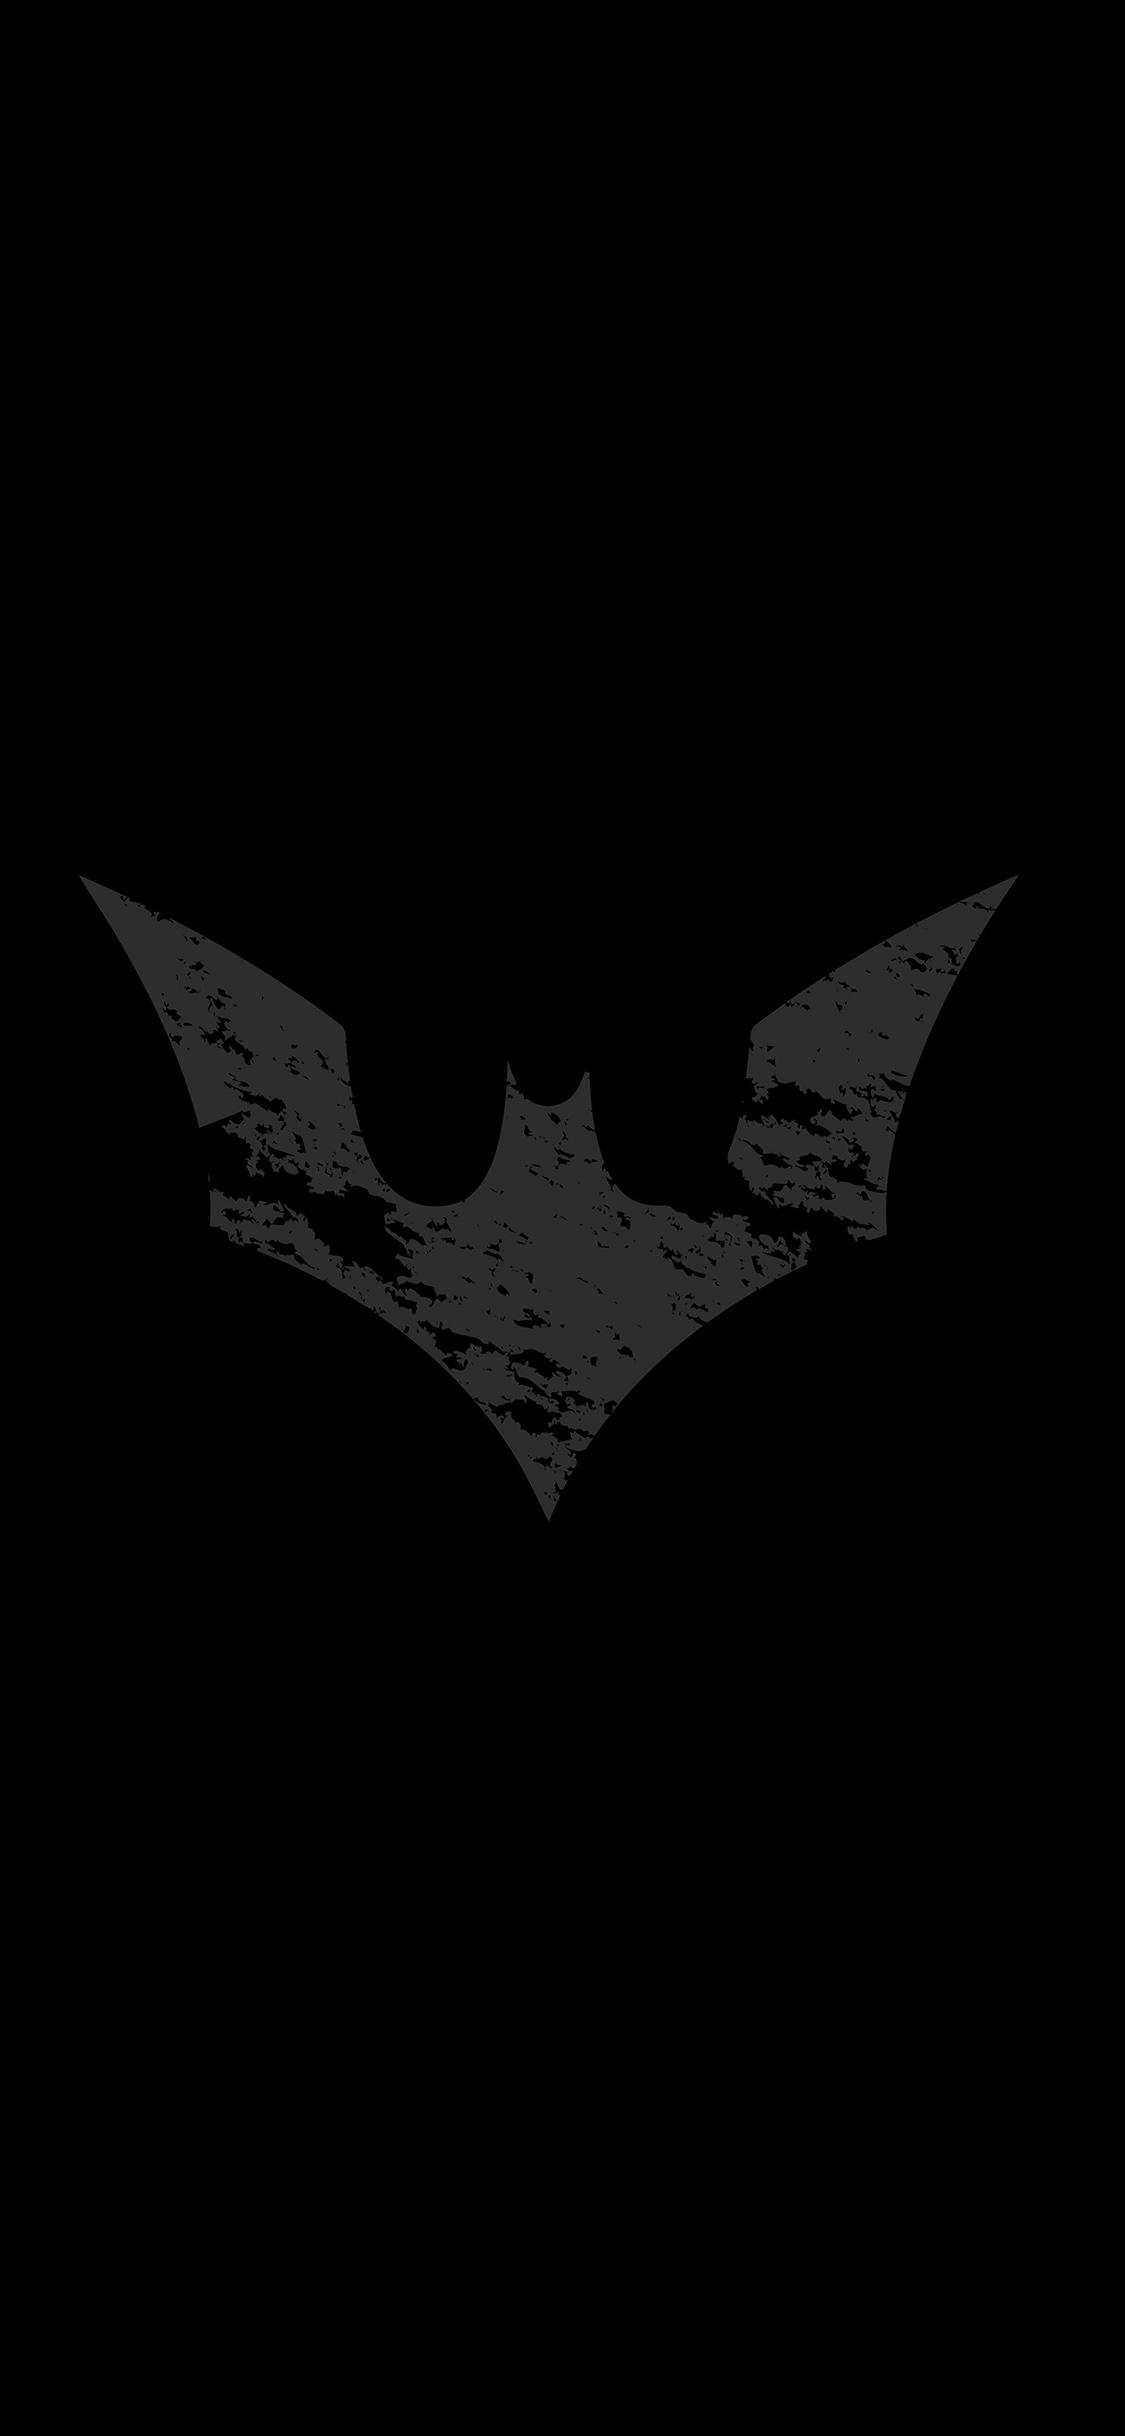 iPhoneXpapers.com-Apple-iPhone-wallpaper-ap18-batman-logo-dark-hero-art-bw